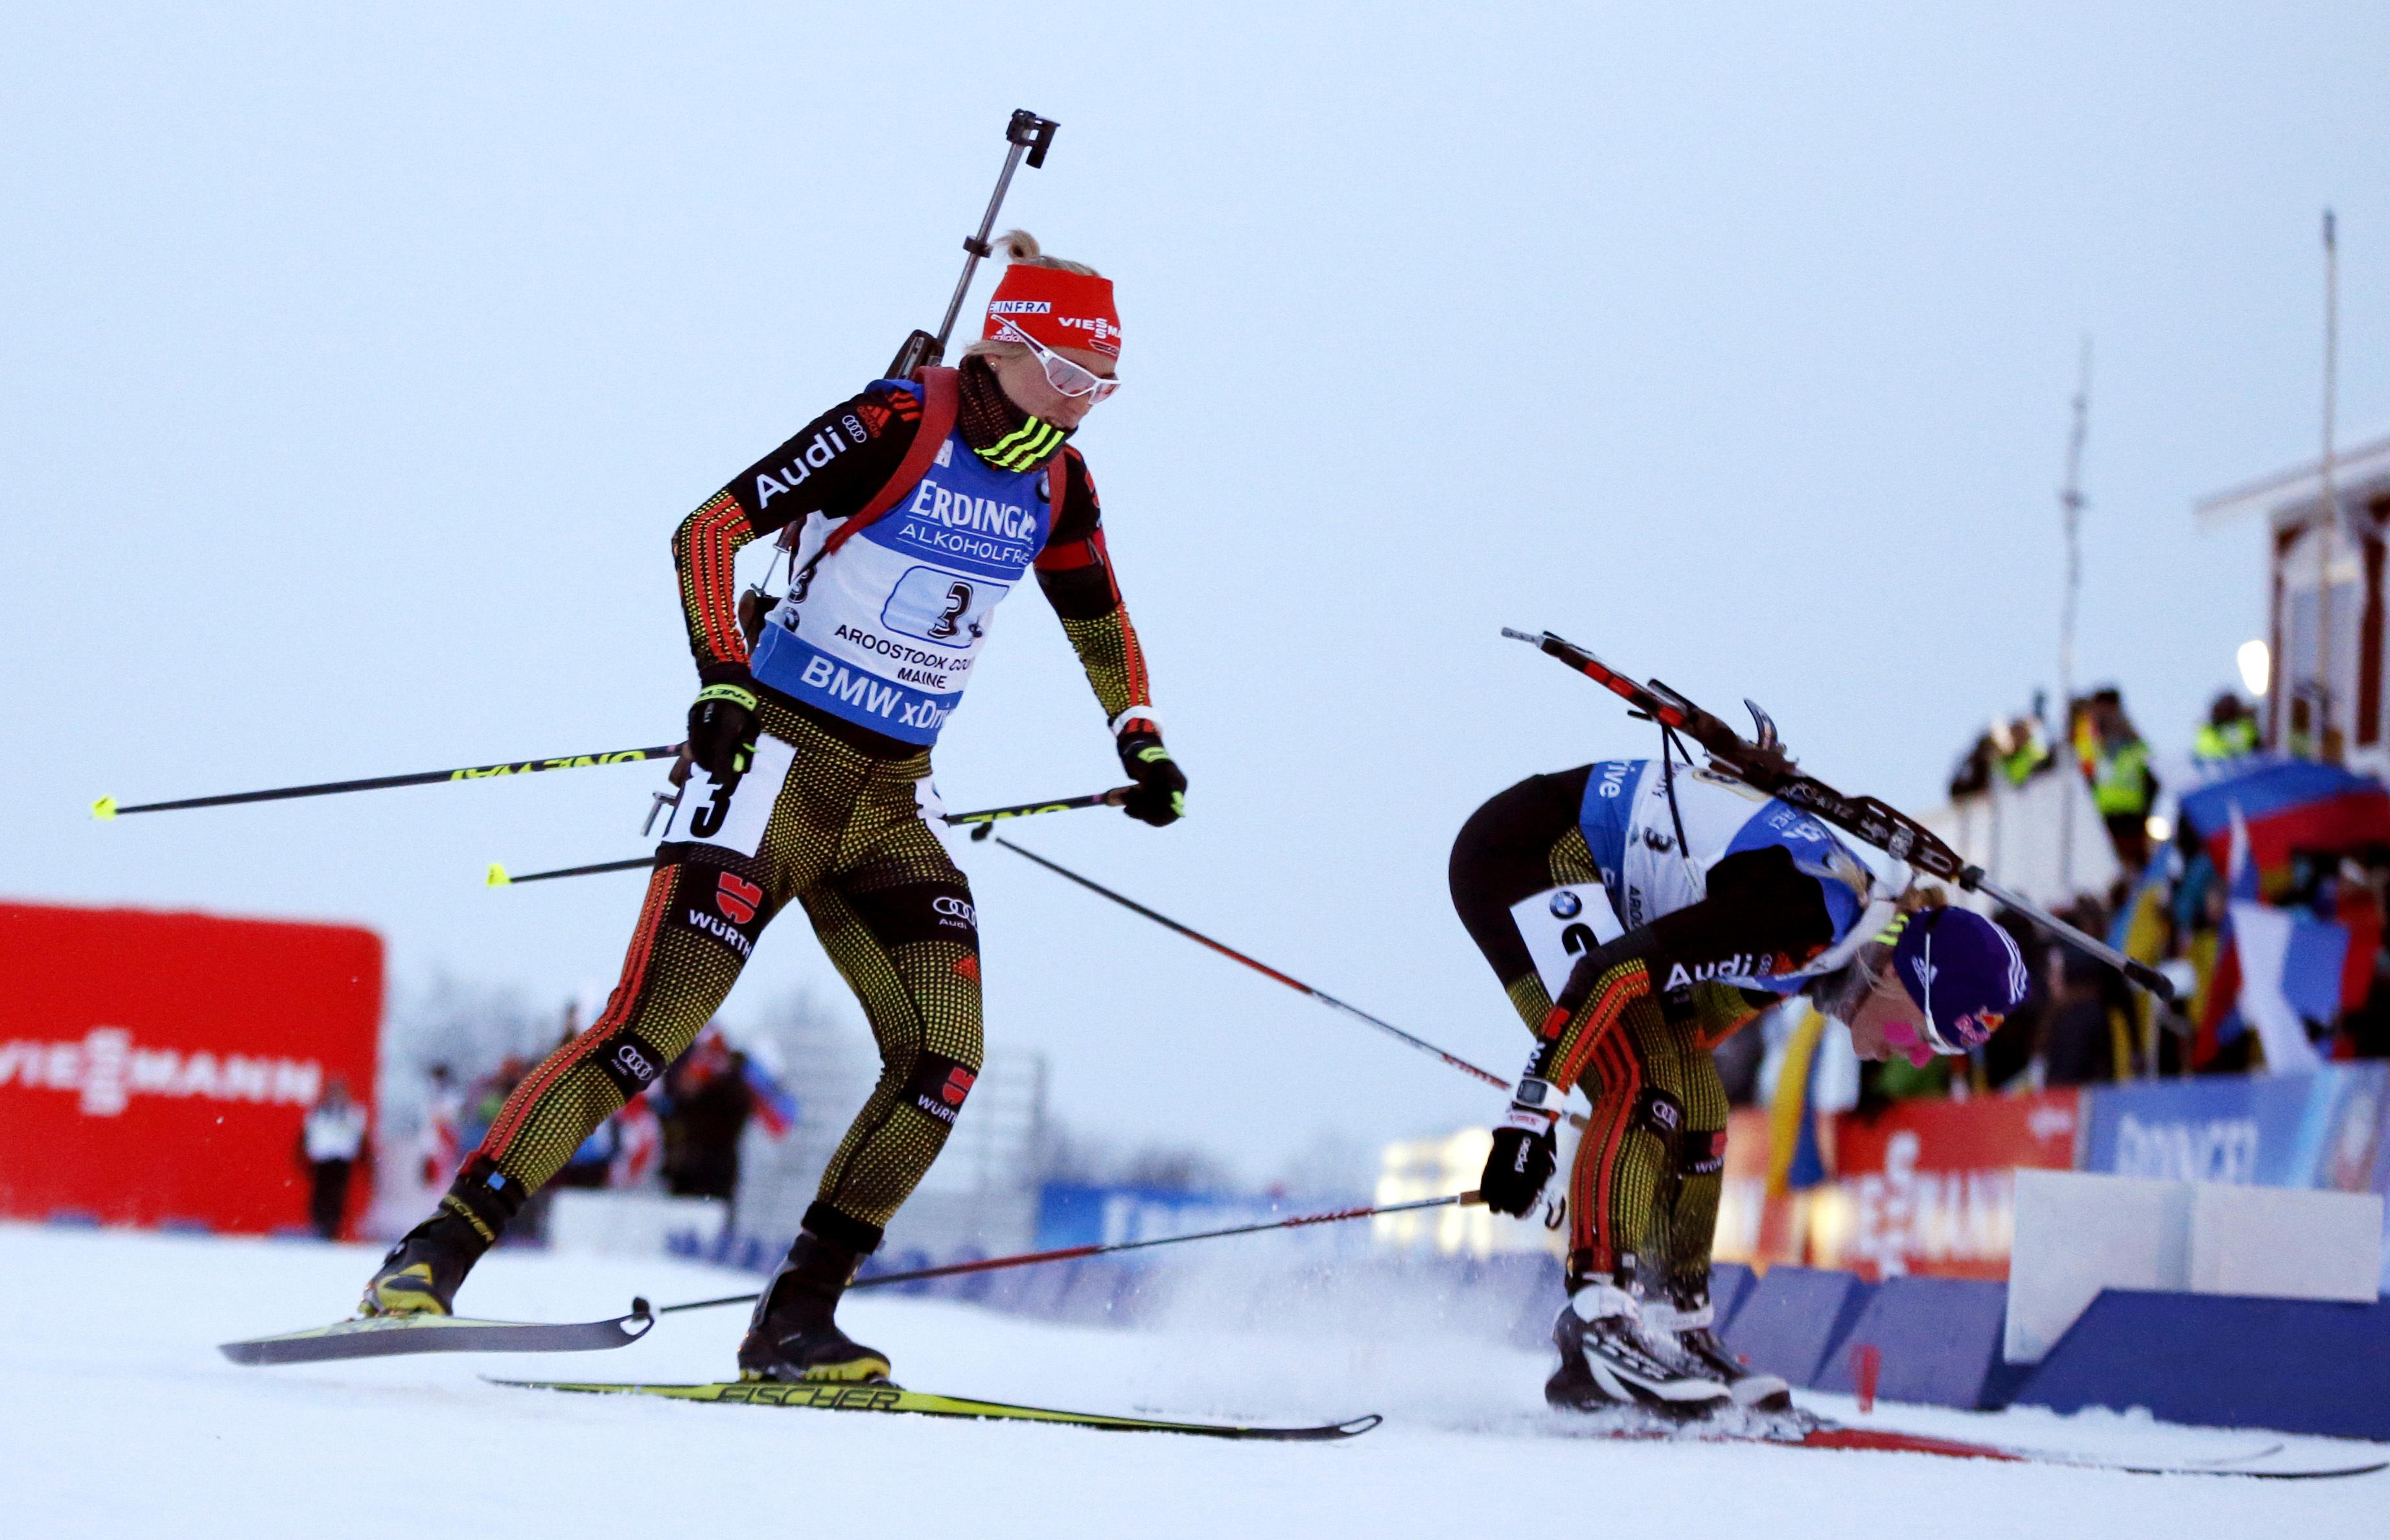 world_cup_biathlon-a088045586784efabbffa_r2409.jpeg